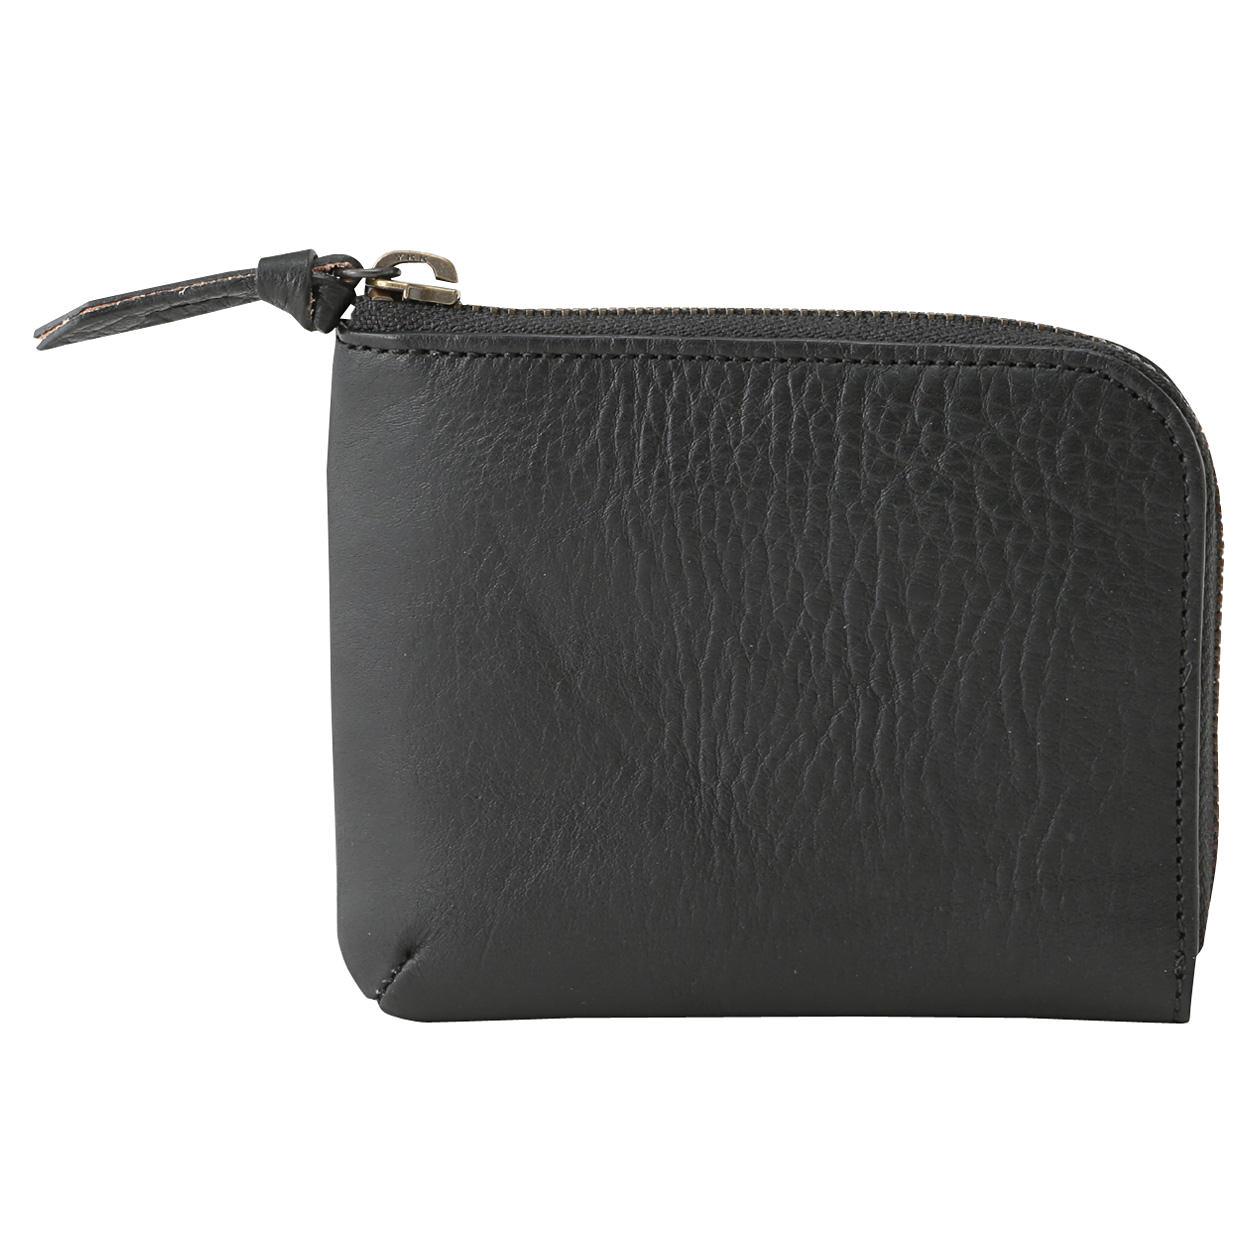 皺摺滑革L型拉鍊卡片零錢包 黑色 | 無印良品